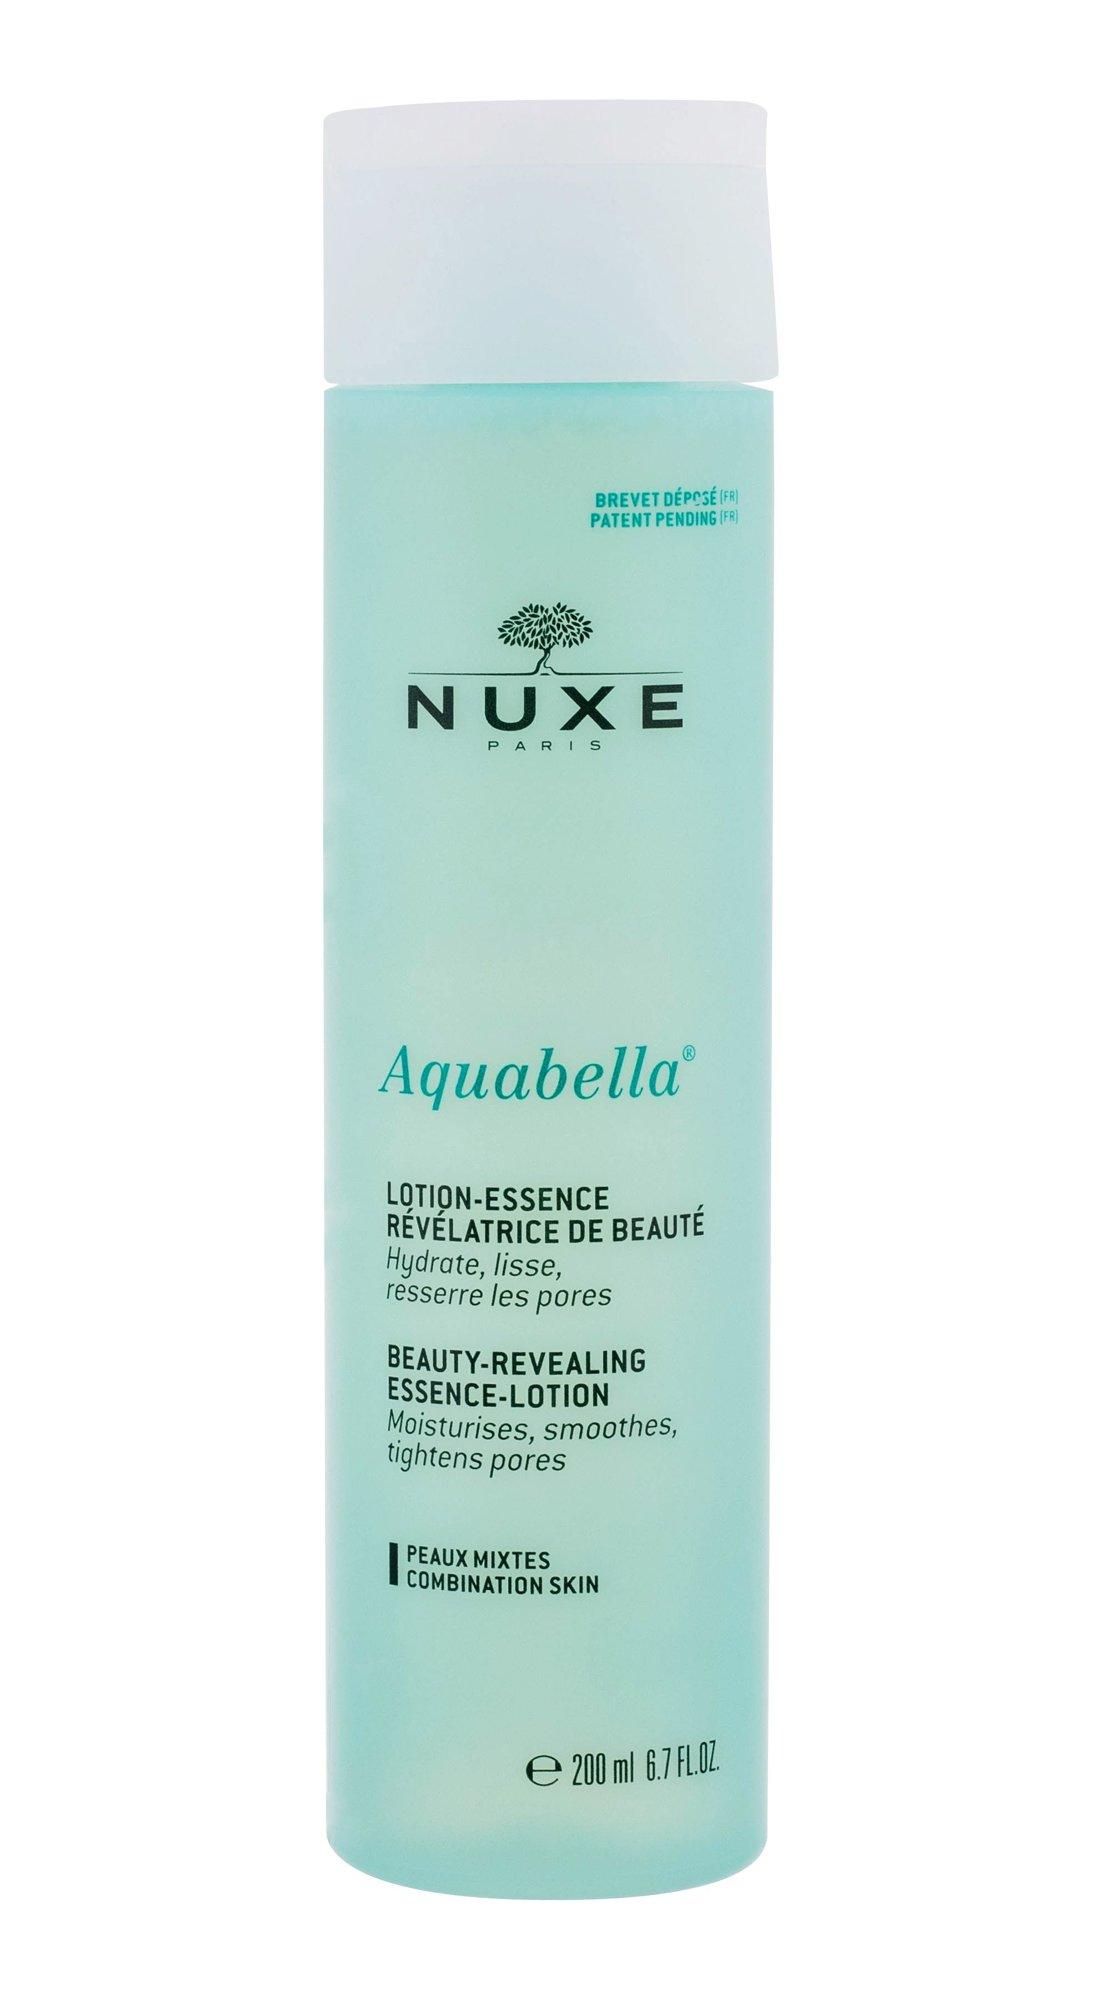 NUXE Aquabella Facial Lotion 200ml